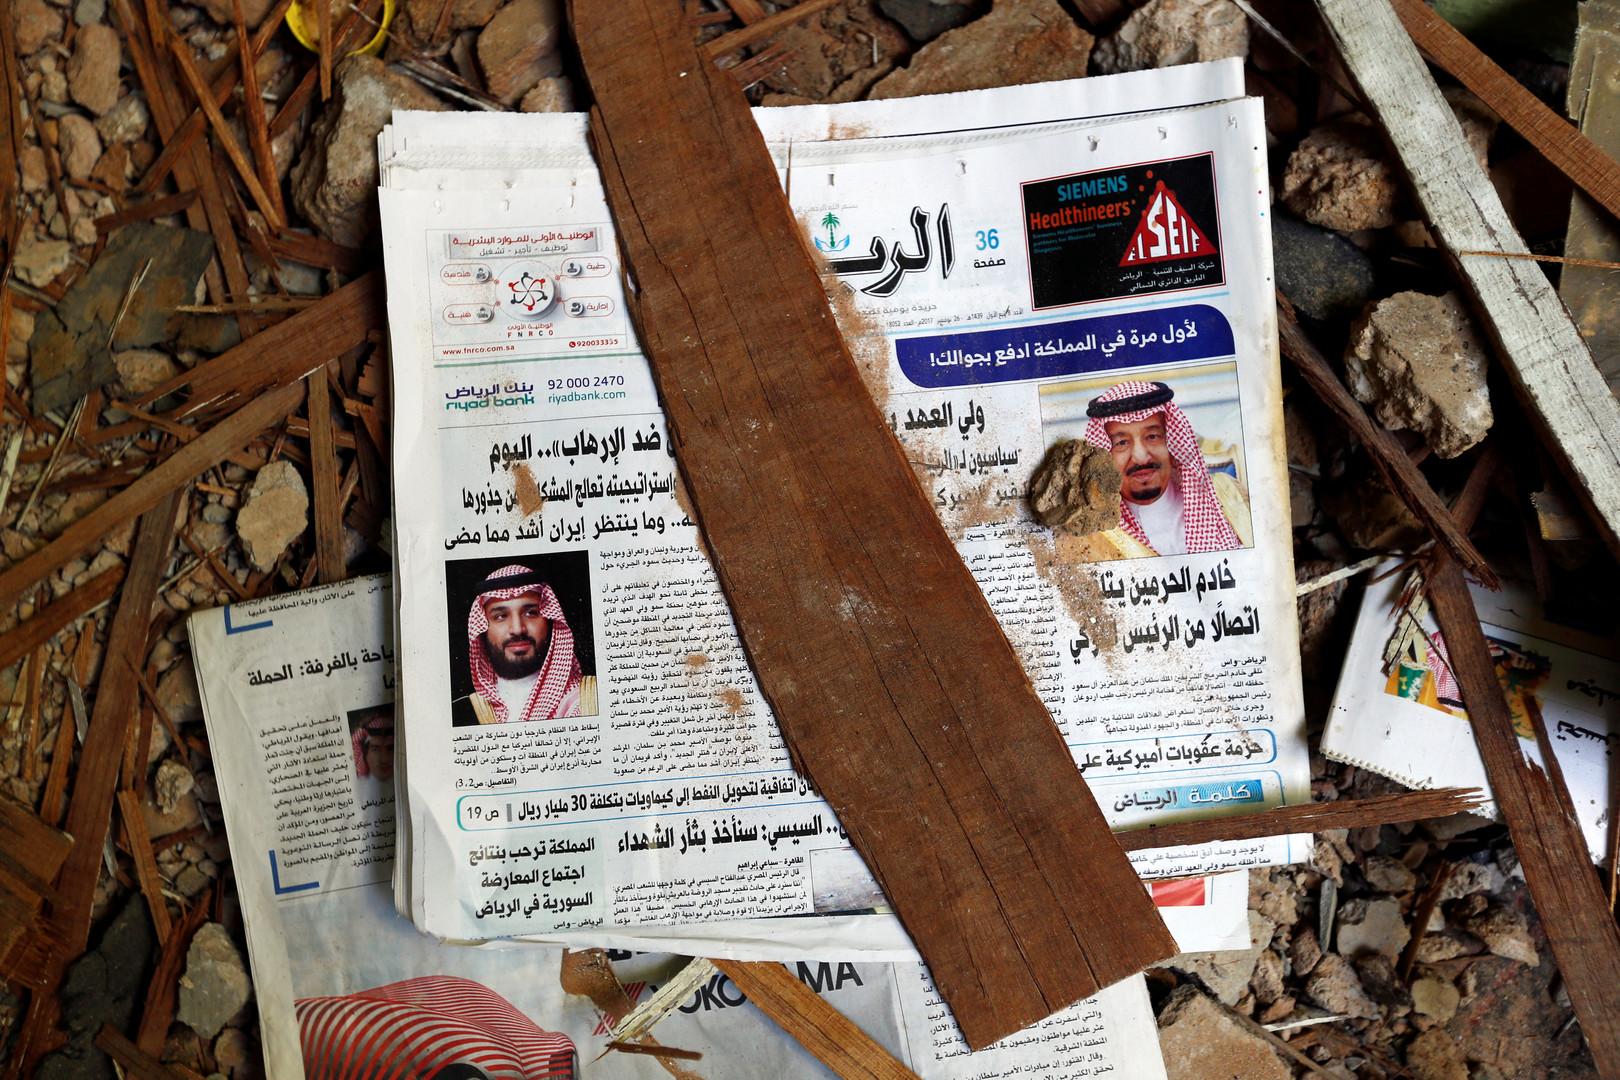 الأمم المتحدة: هجوم الحوثيين على مطار أبها السعودي يقوض العملية السياسية في اليمن